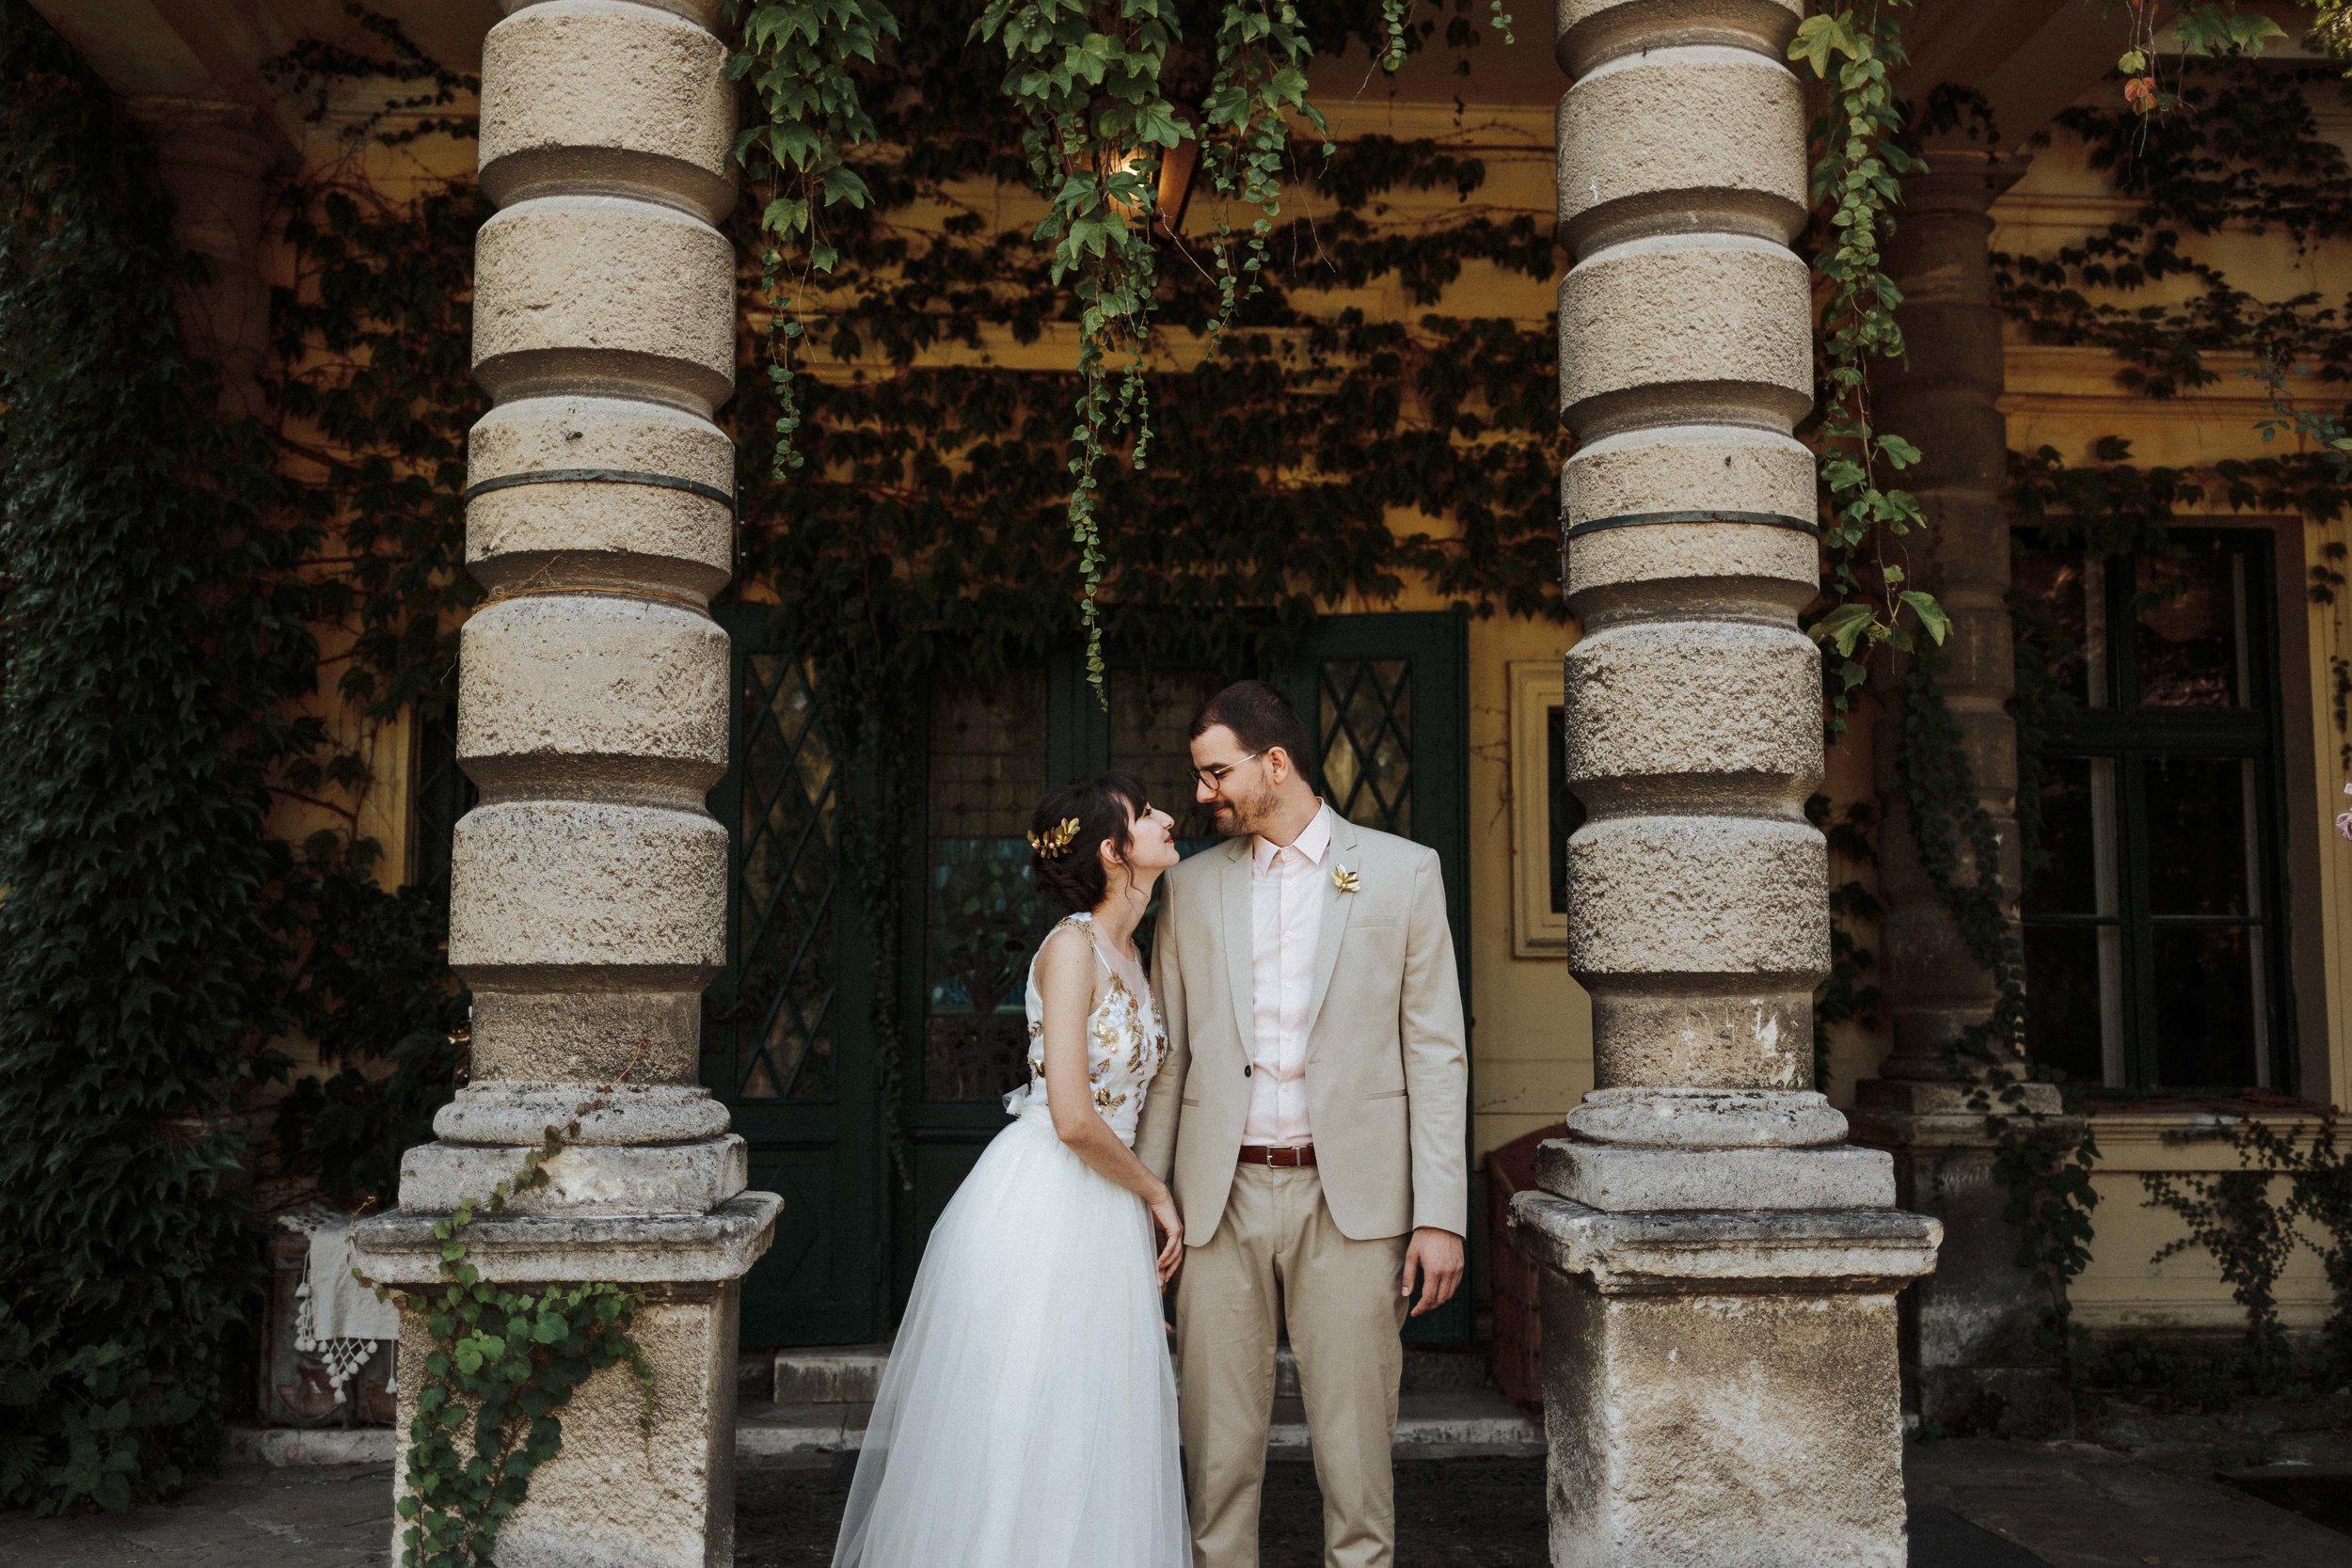 20170826_Rebi+Dani_wedding_w_120__MG_2955.jpg